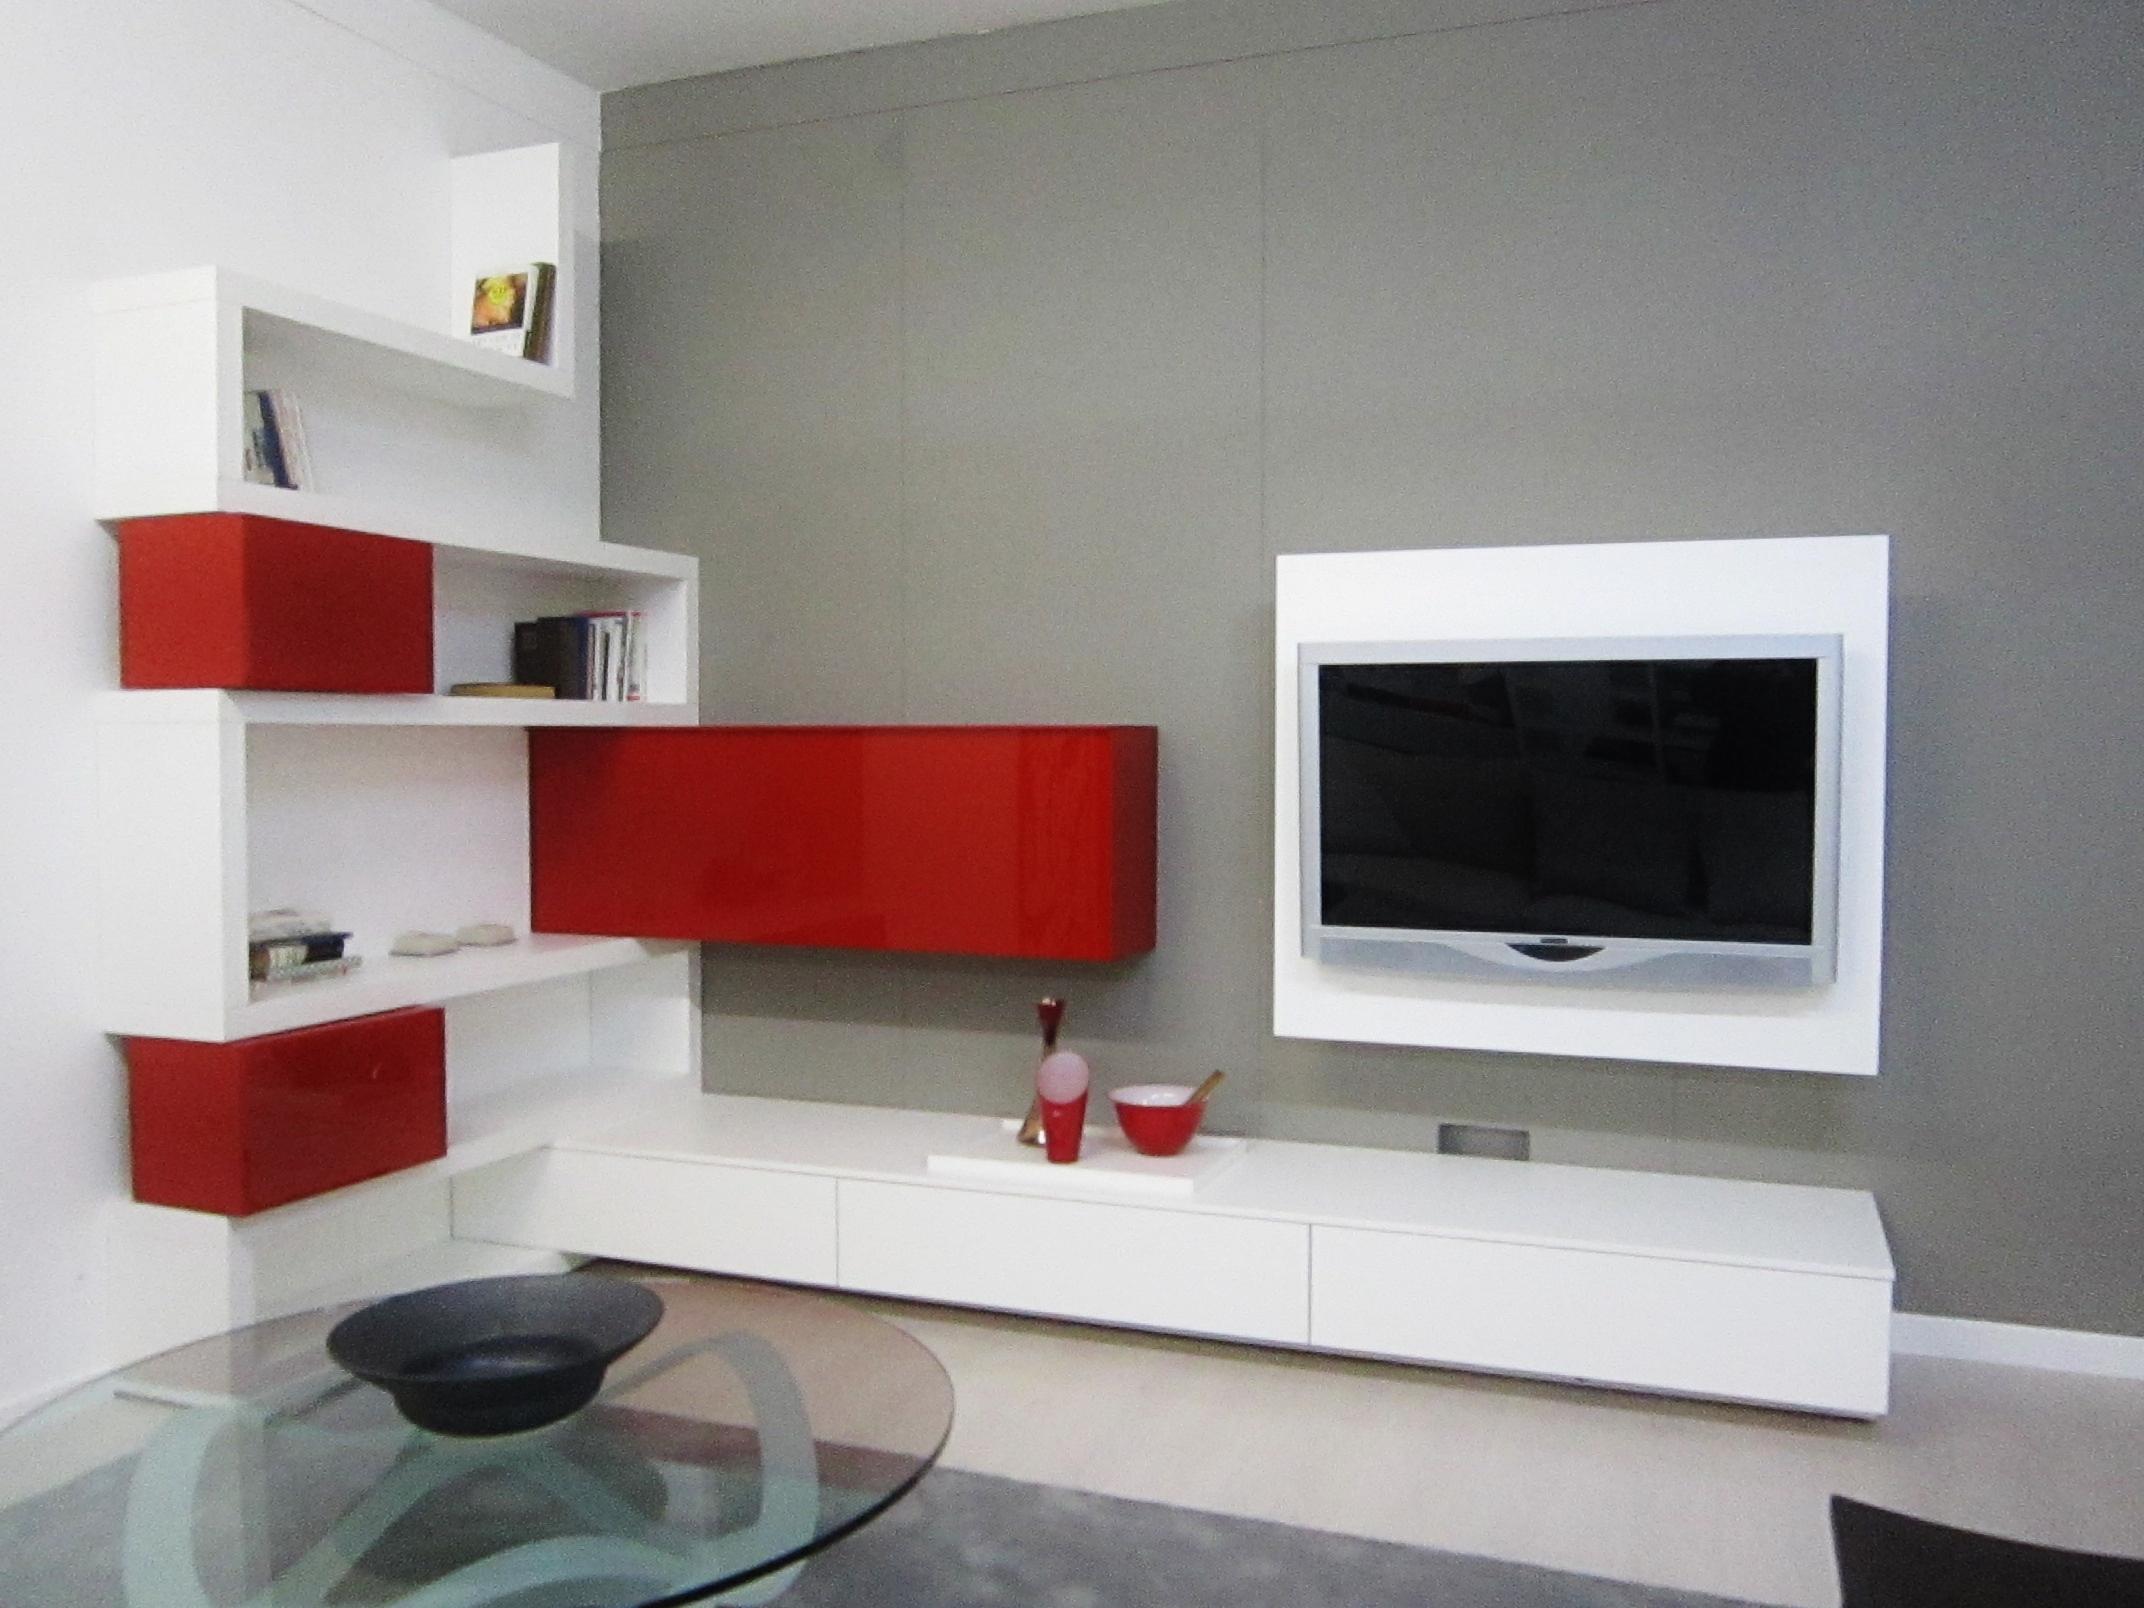 Awesome Mobili Soggiorno Offerte Contemporary - House Design Ideas ...